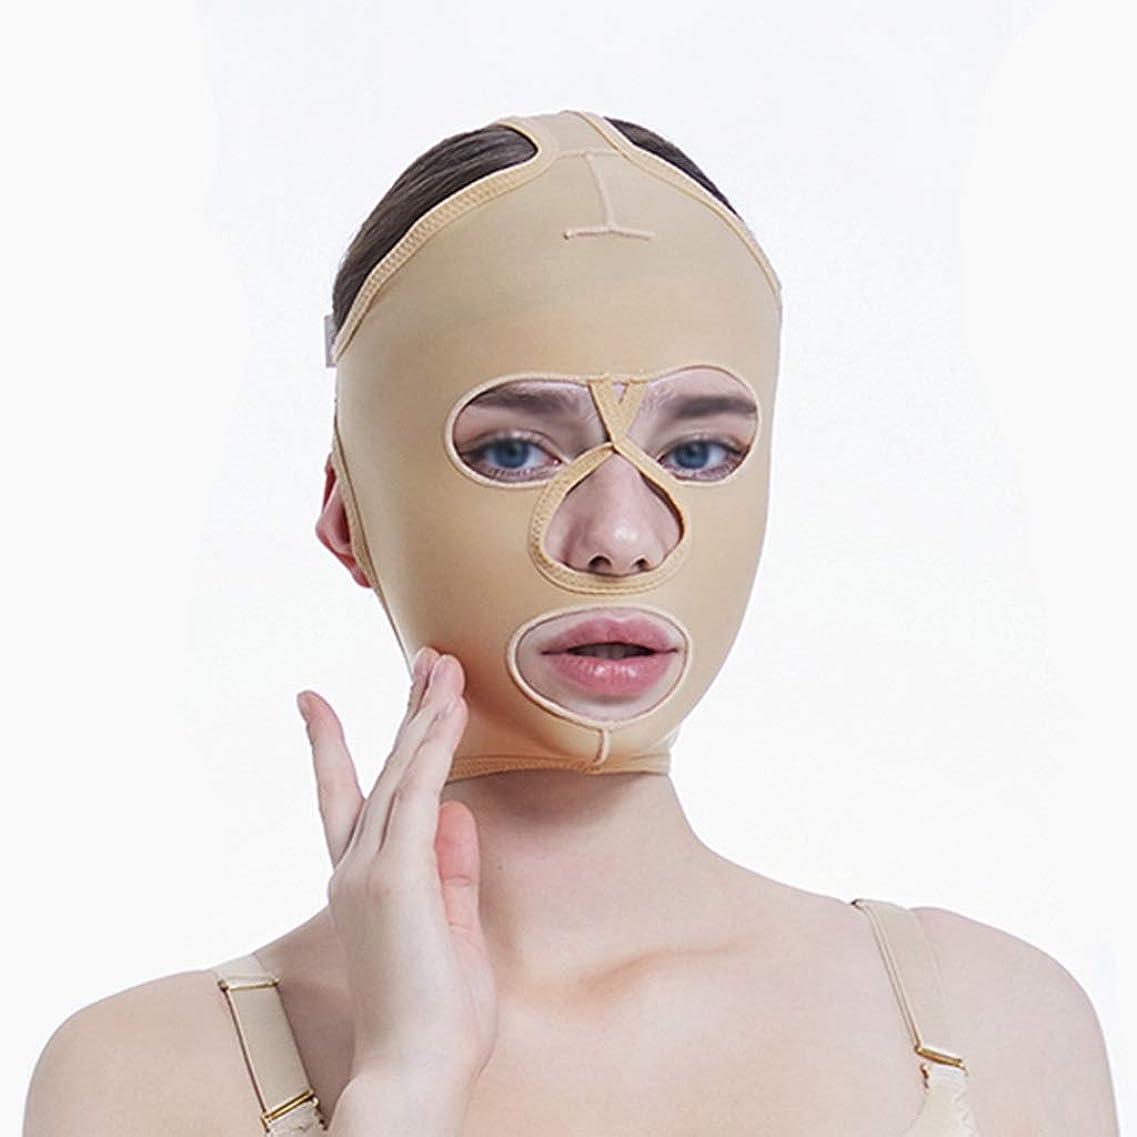 支店丘激怒チンリフティングベルト、超薄型ベルト、引き締めマスク、包帯吊り、フェイスリフティングマスク、超薄型ベルト、通気性(サイズ:L),XS